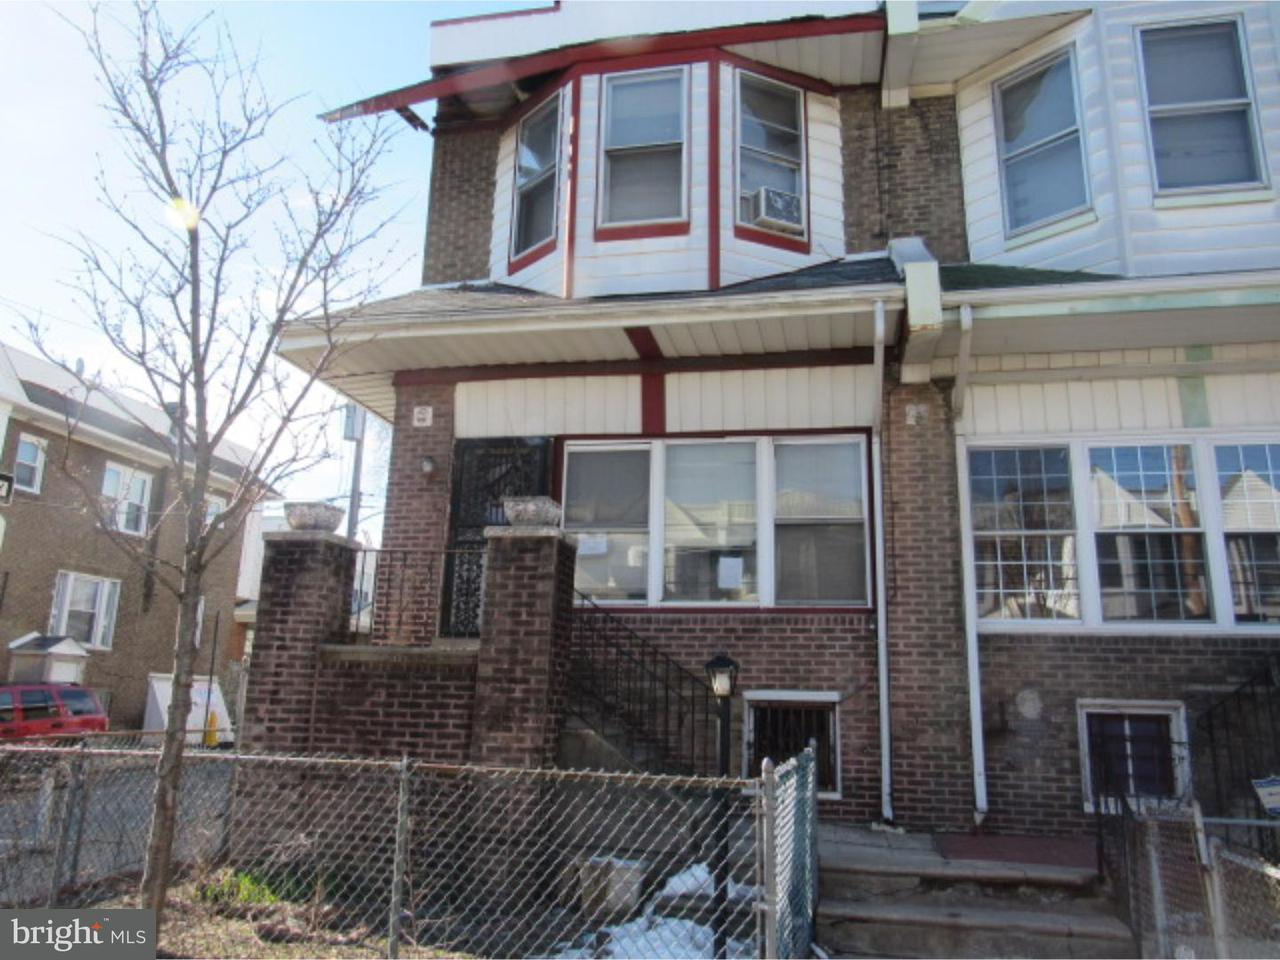 5918  Larchwood Philadelphia , PA 19143